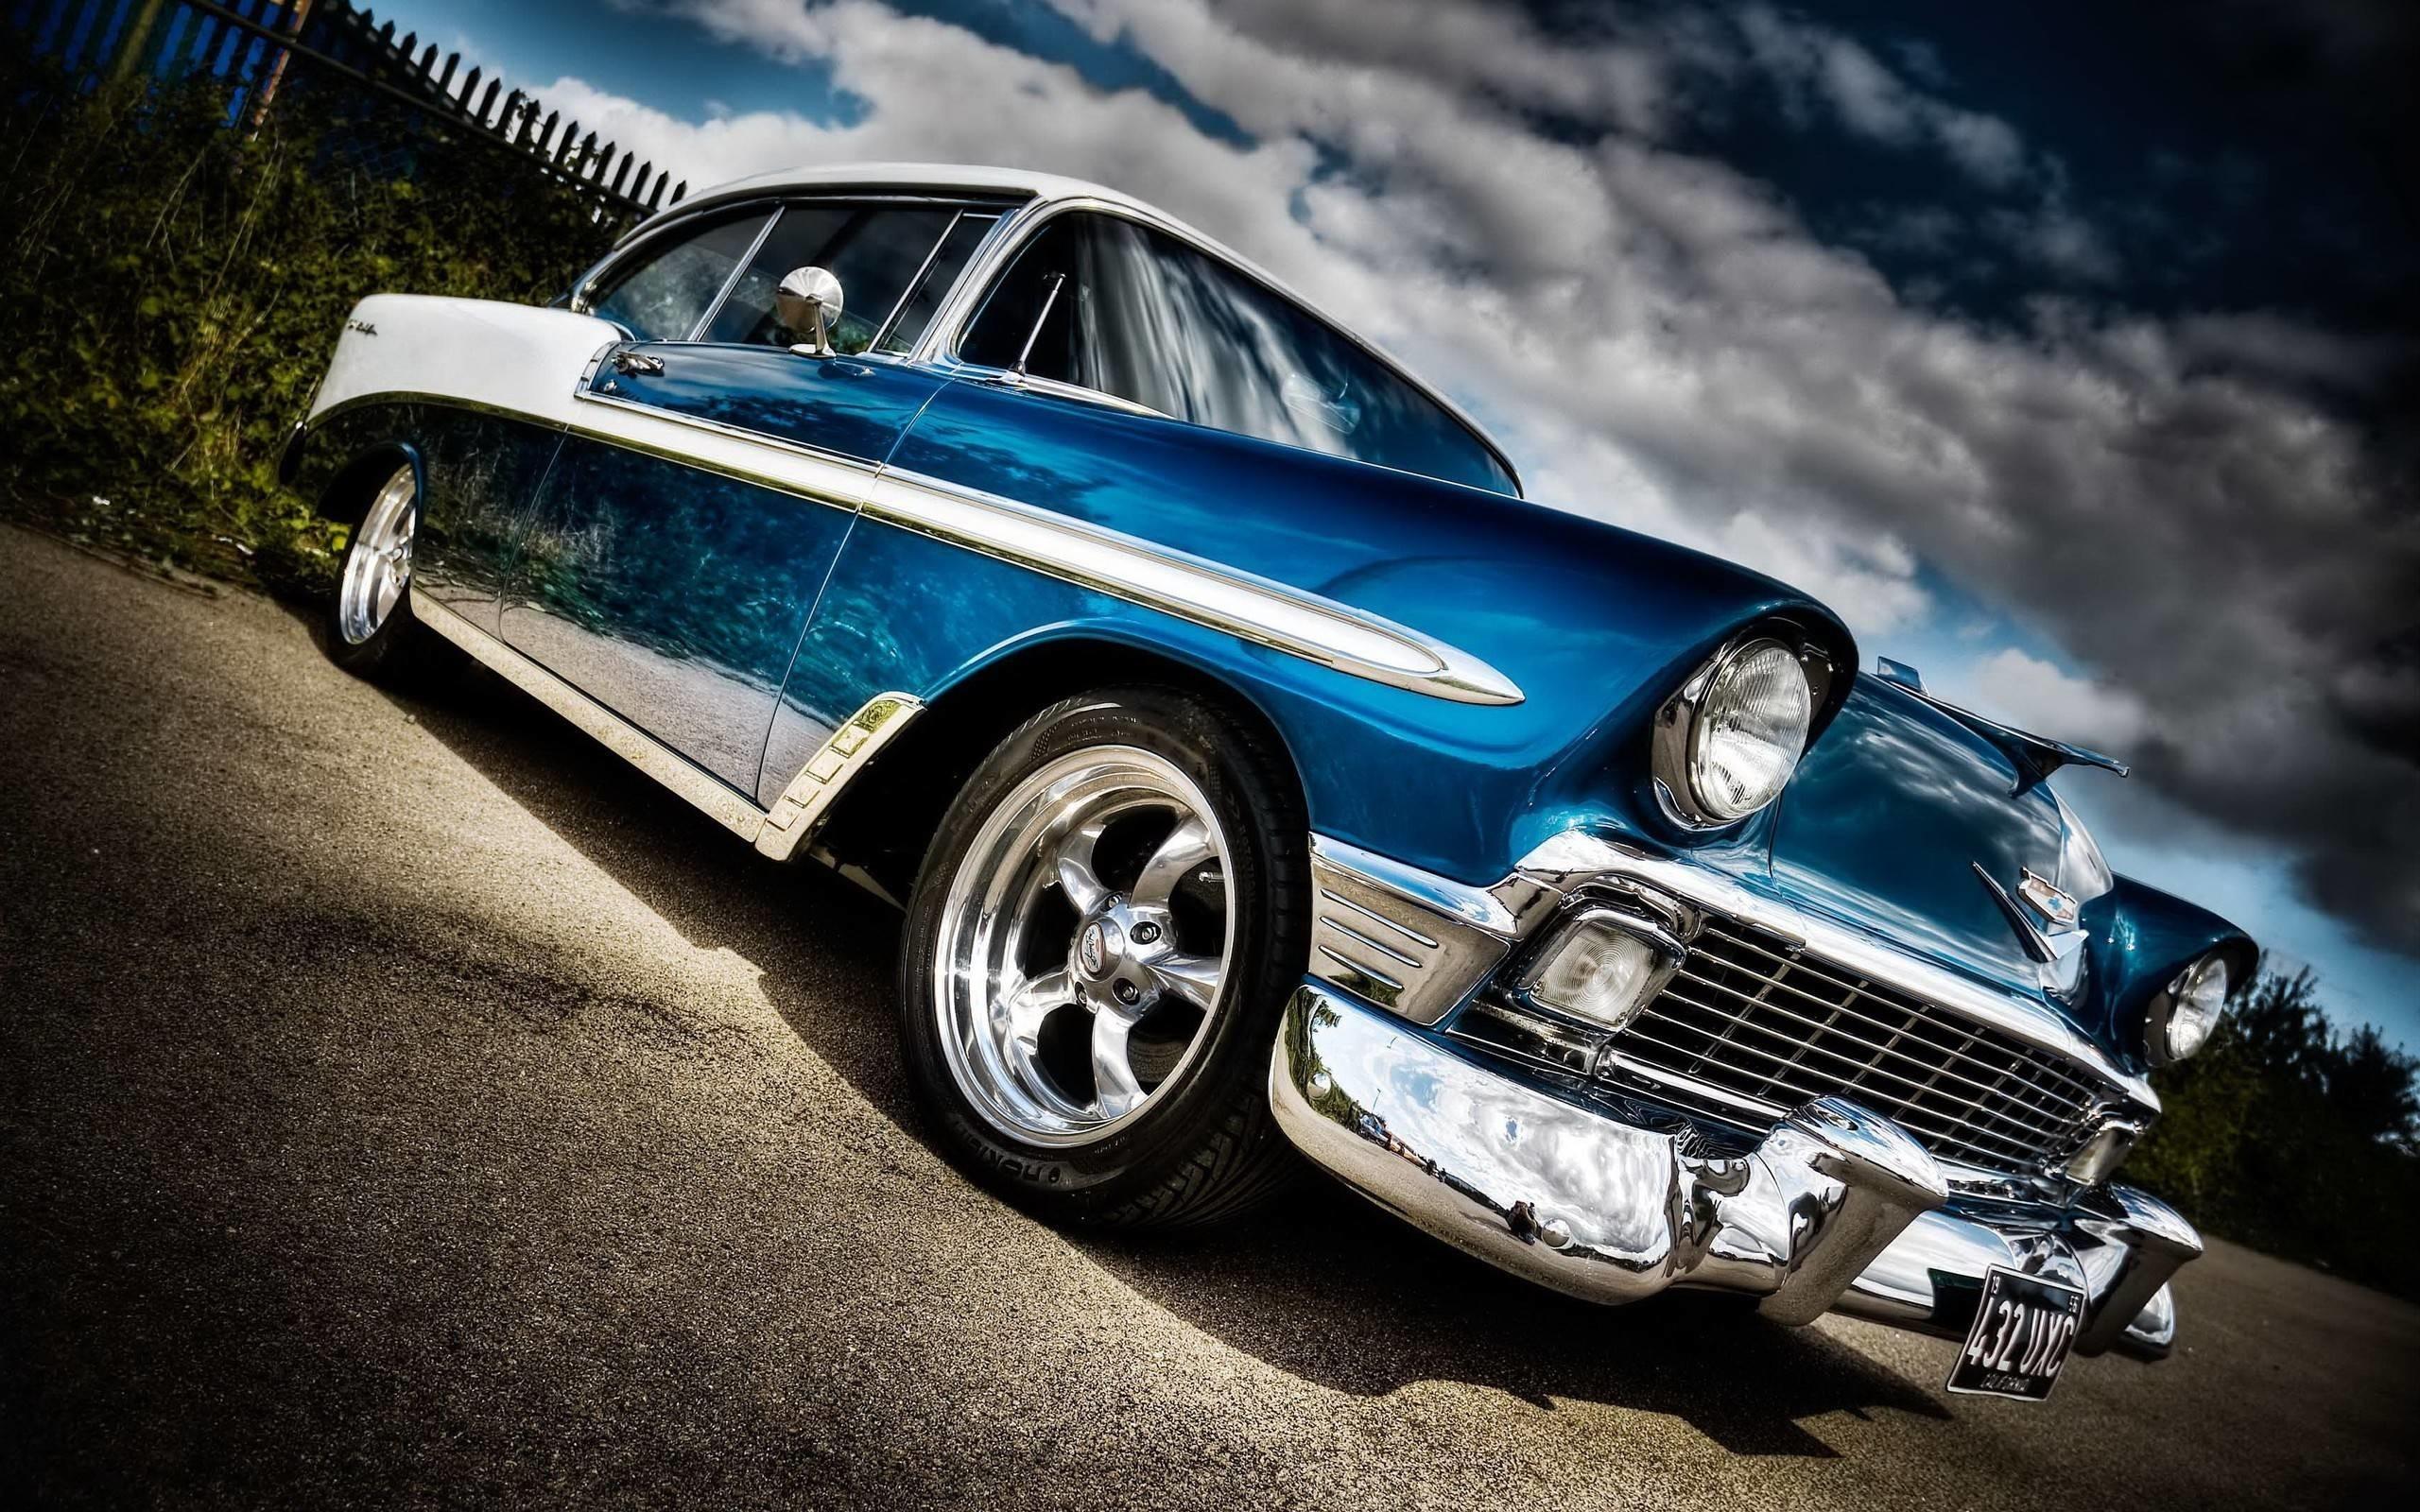 2560x1600 Classic Car Wallpaper